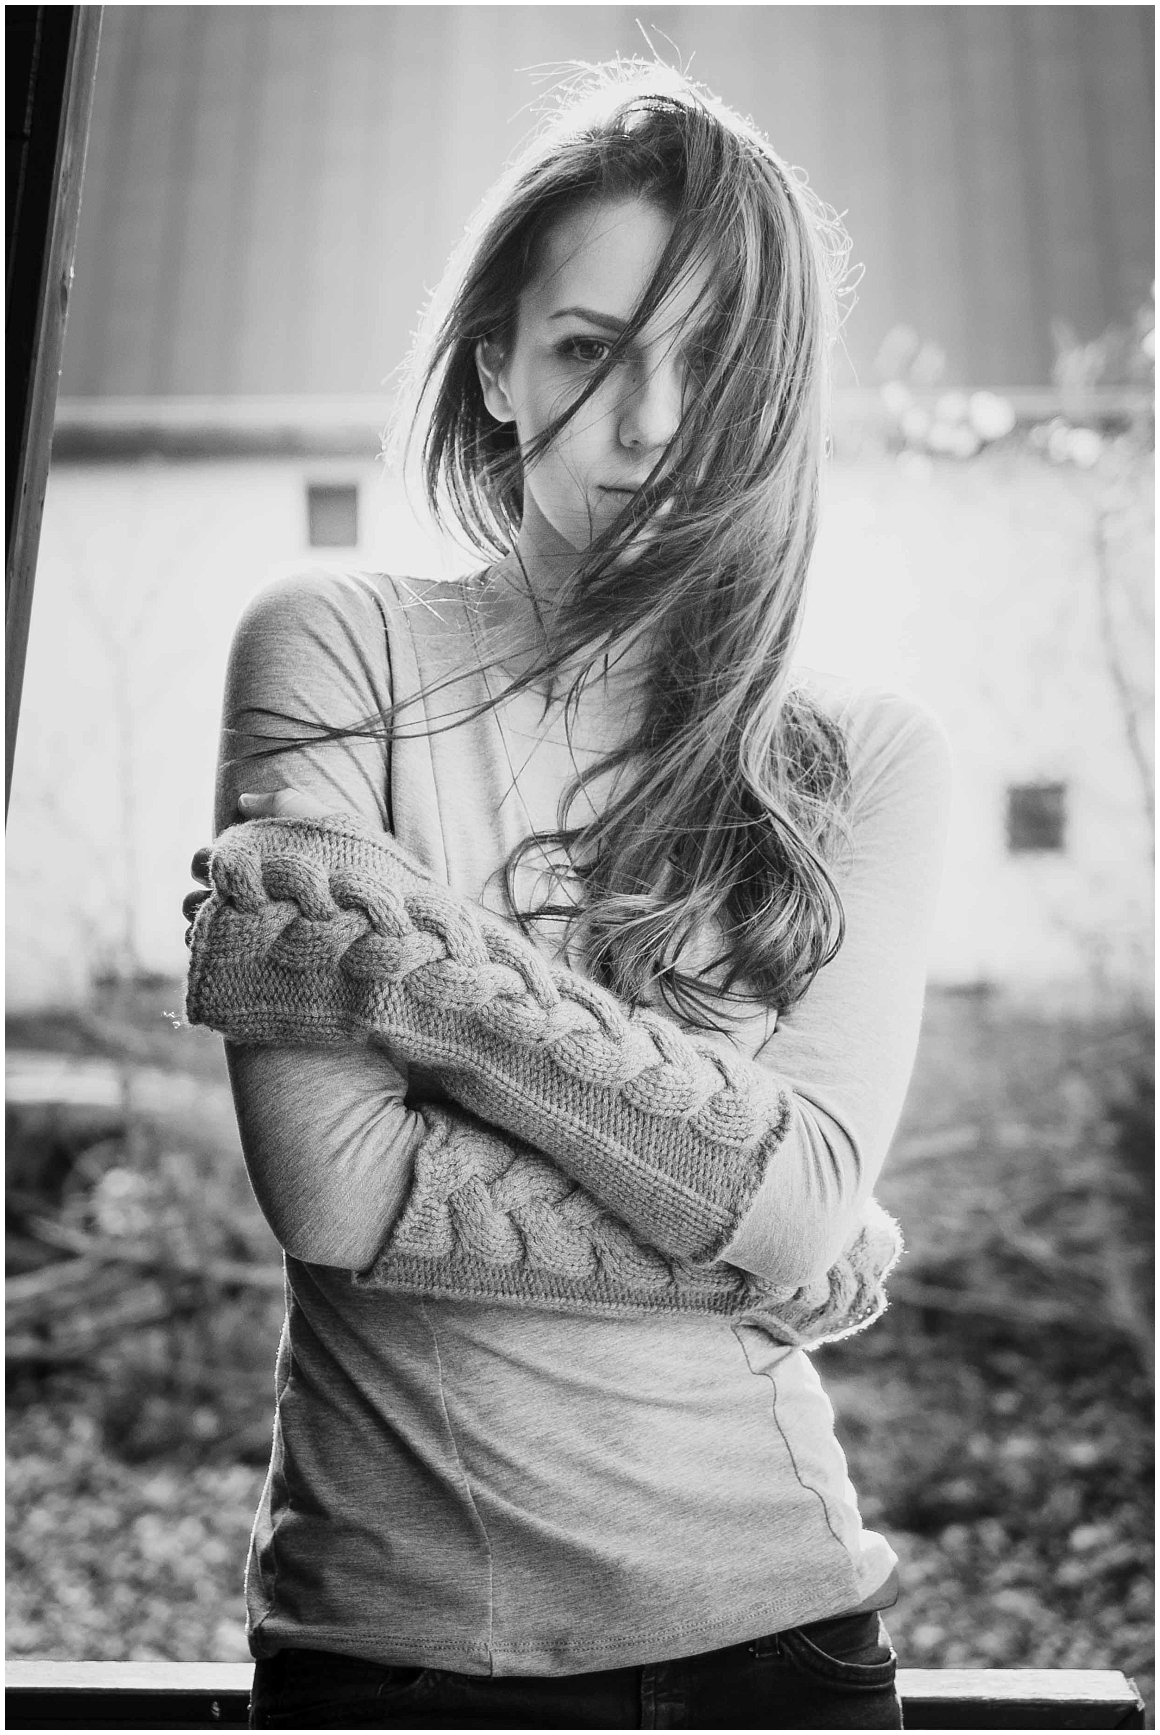 katrin-kind-portrait-fotografie-münchen-ammersee-photography-munich_0004.jpg